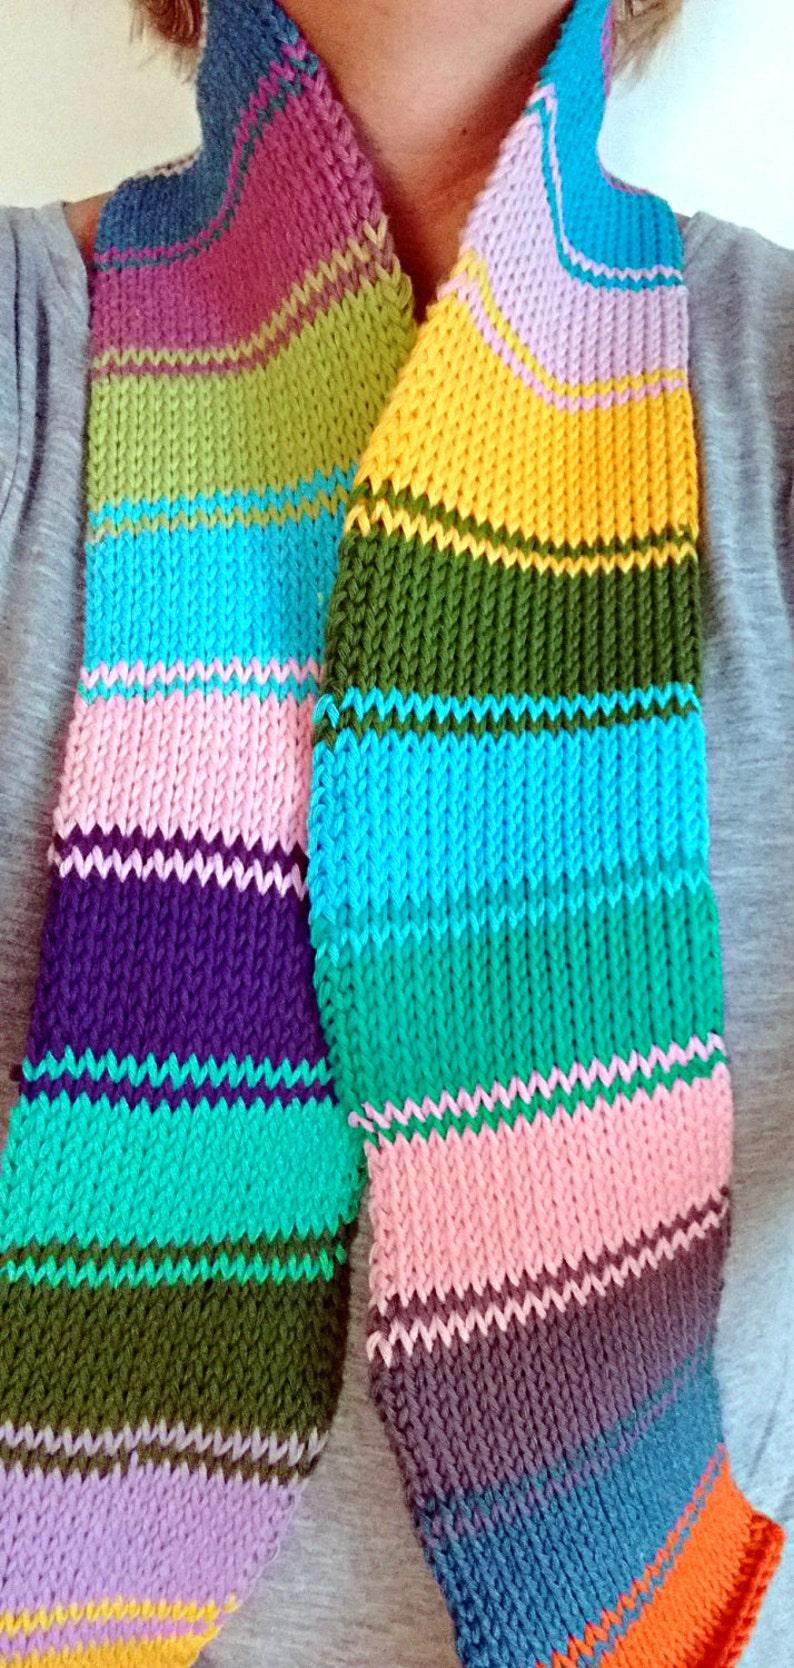 Tunisian Crochet Scarf Geometric Pattern For Women In Cotton Etsy